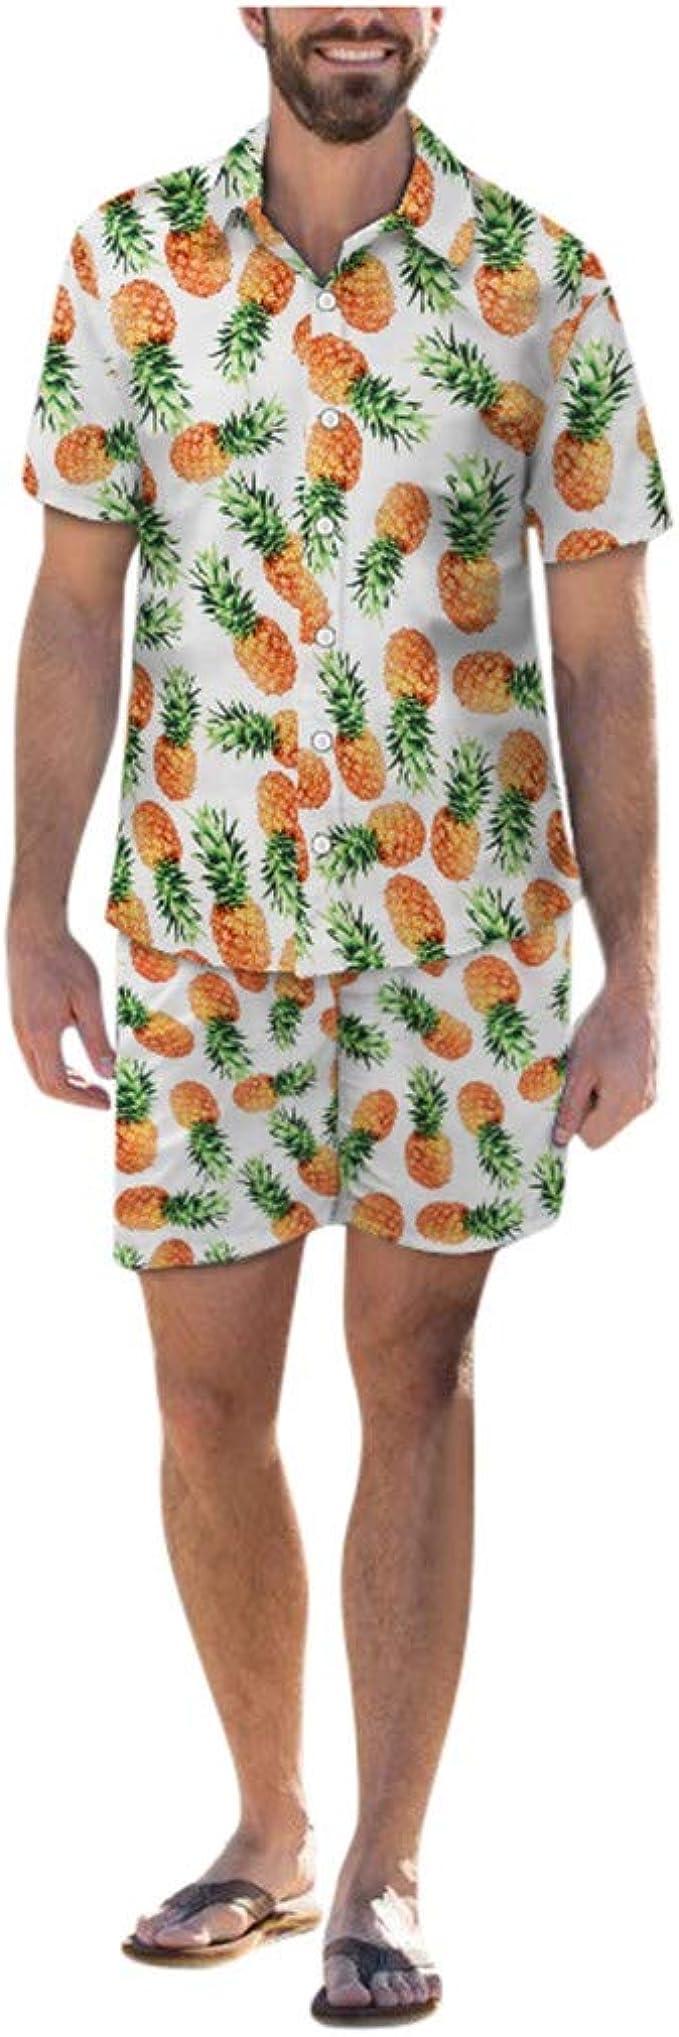 SUMTTER - Disfraz de Hawaii Corto para Hombre, Camisa Hawaiana + Pantalones Cortos Hawaii, Camiseta Hawaiana + pantalón Hawaiano Blanco M: Amazon.es: Ropa y accesorios